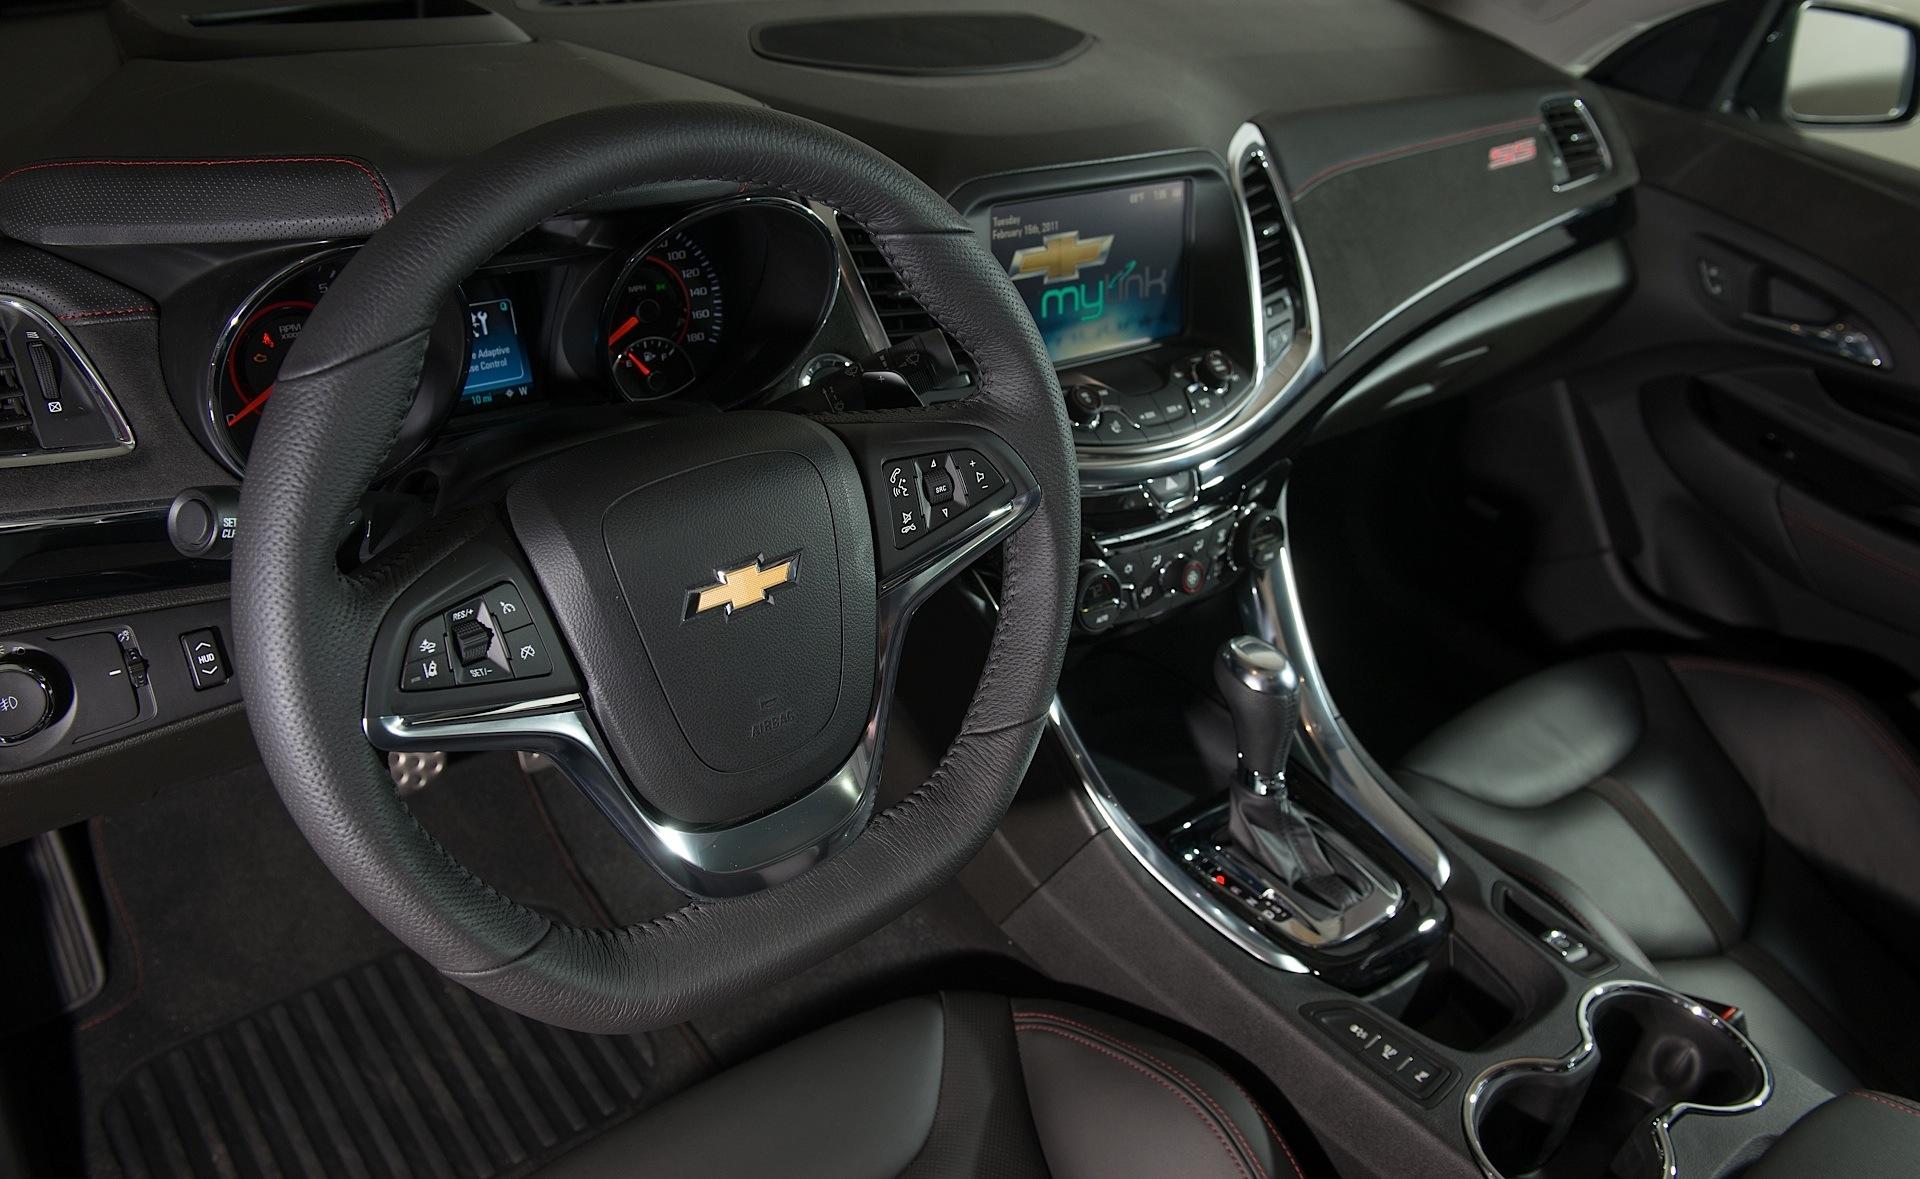 Chevrolet Ss - 2013  2014  2015  2016  2017